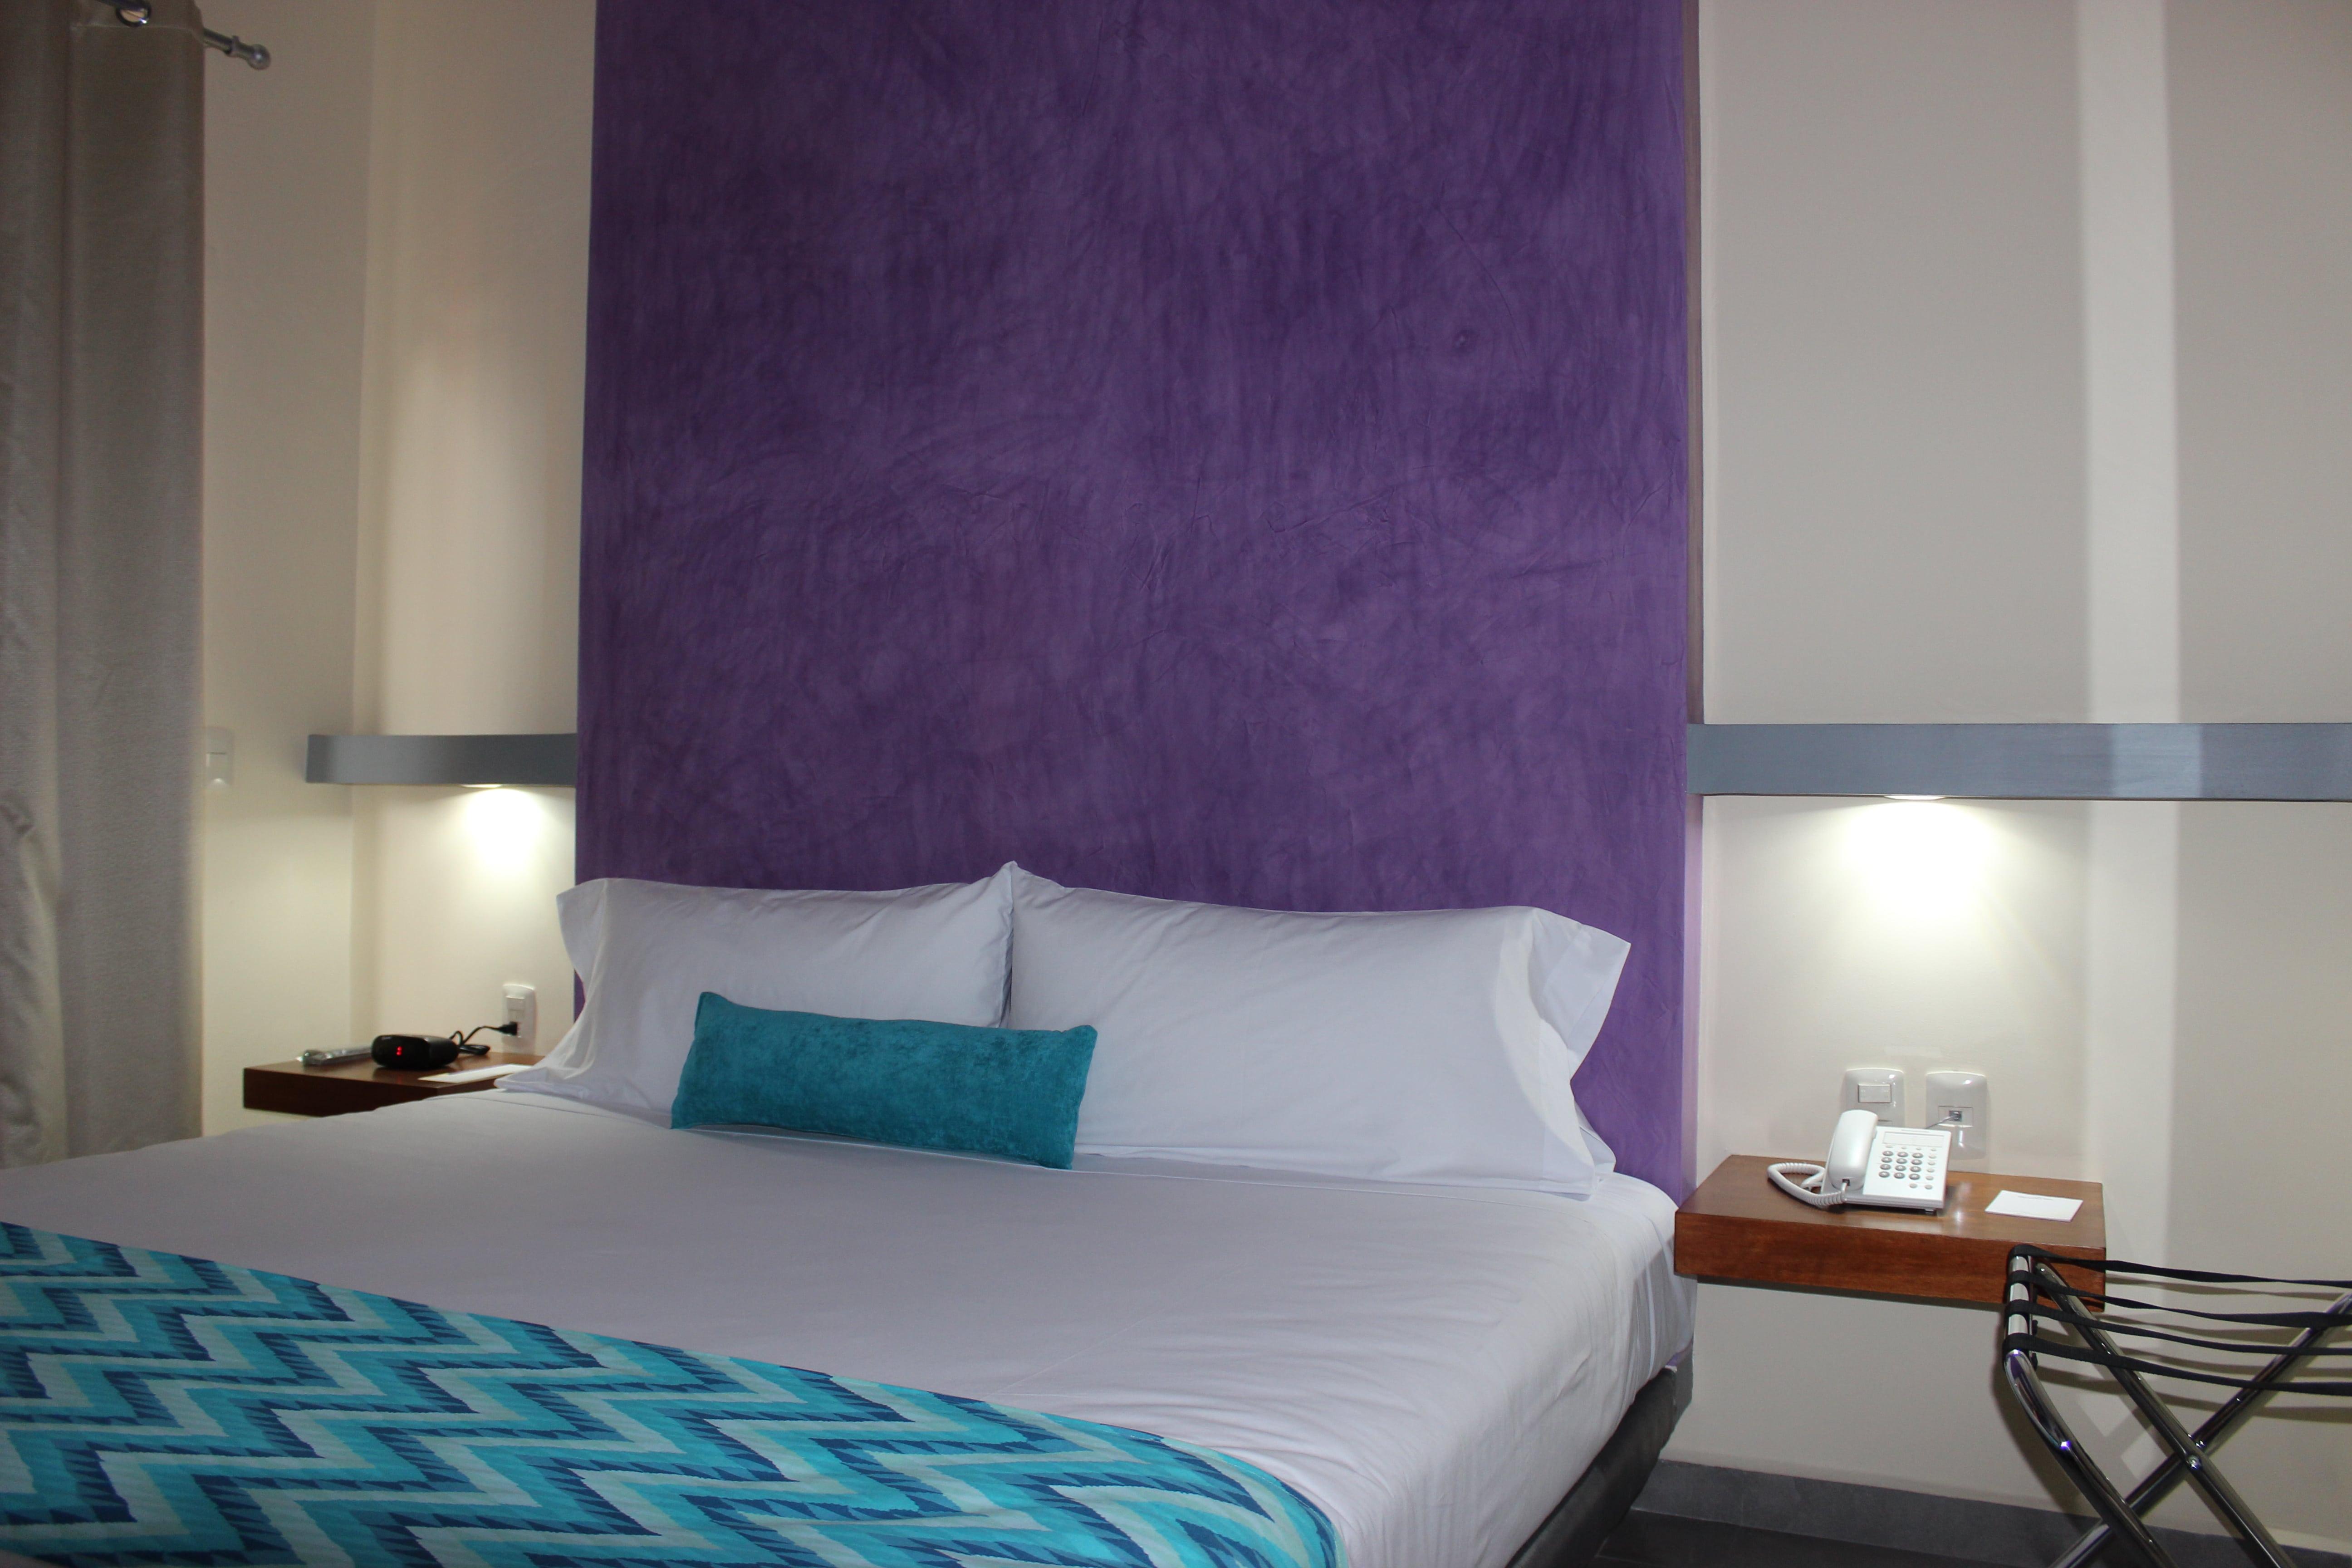 Bienvenidos Hotel Orizaba Inn # Muebles Siza De Concordia